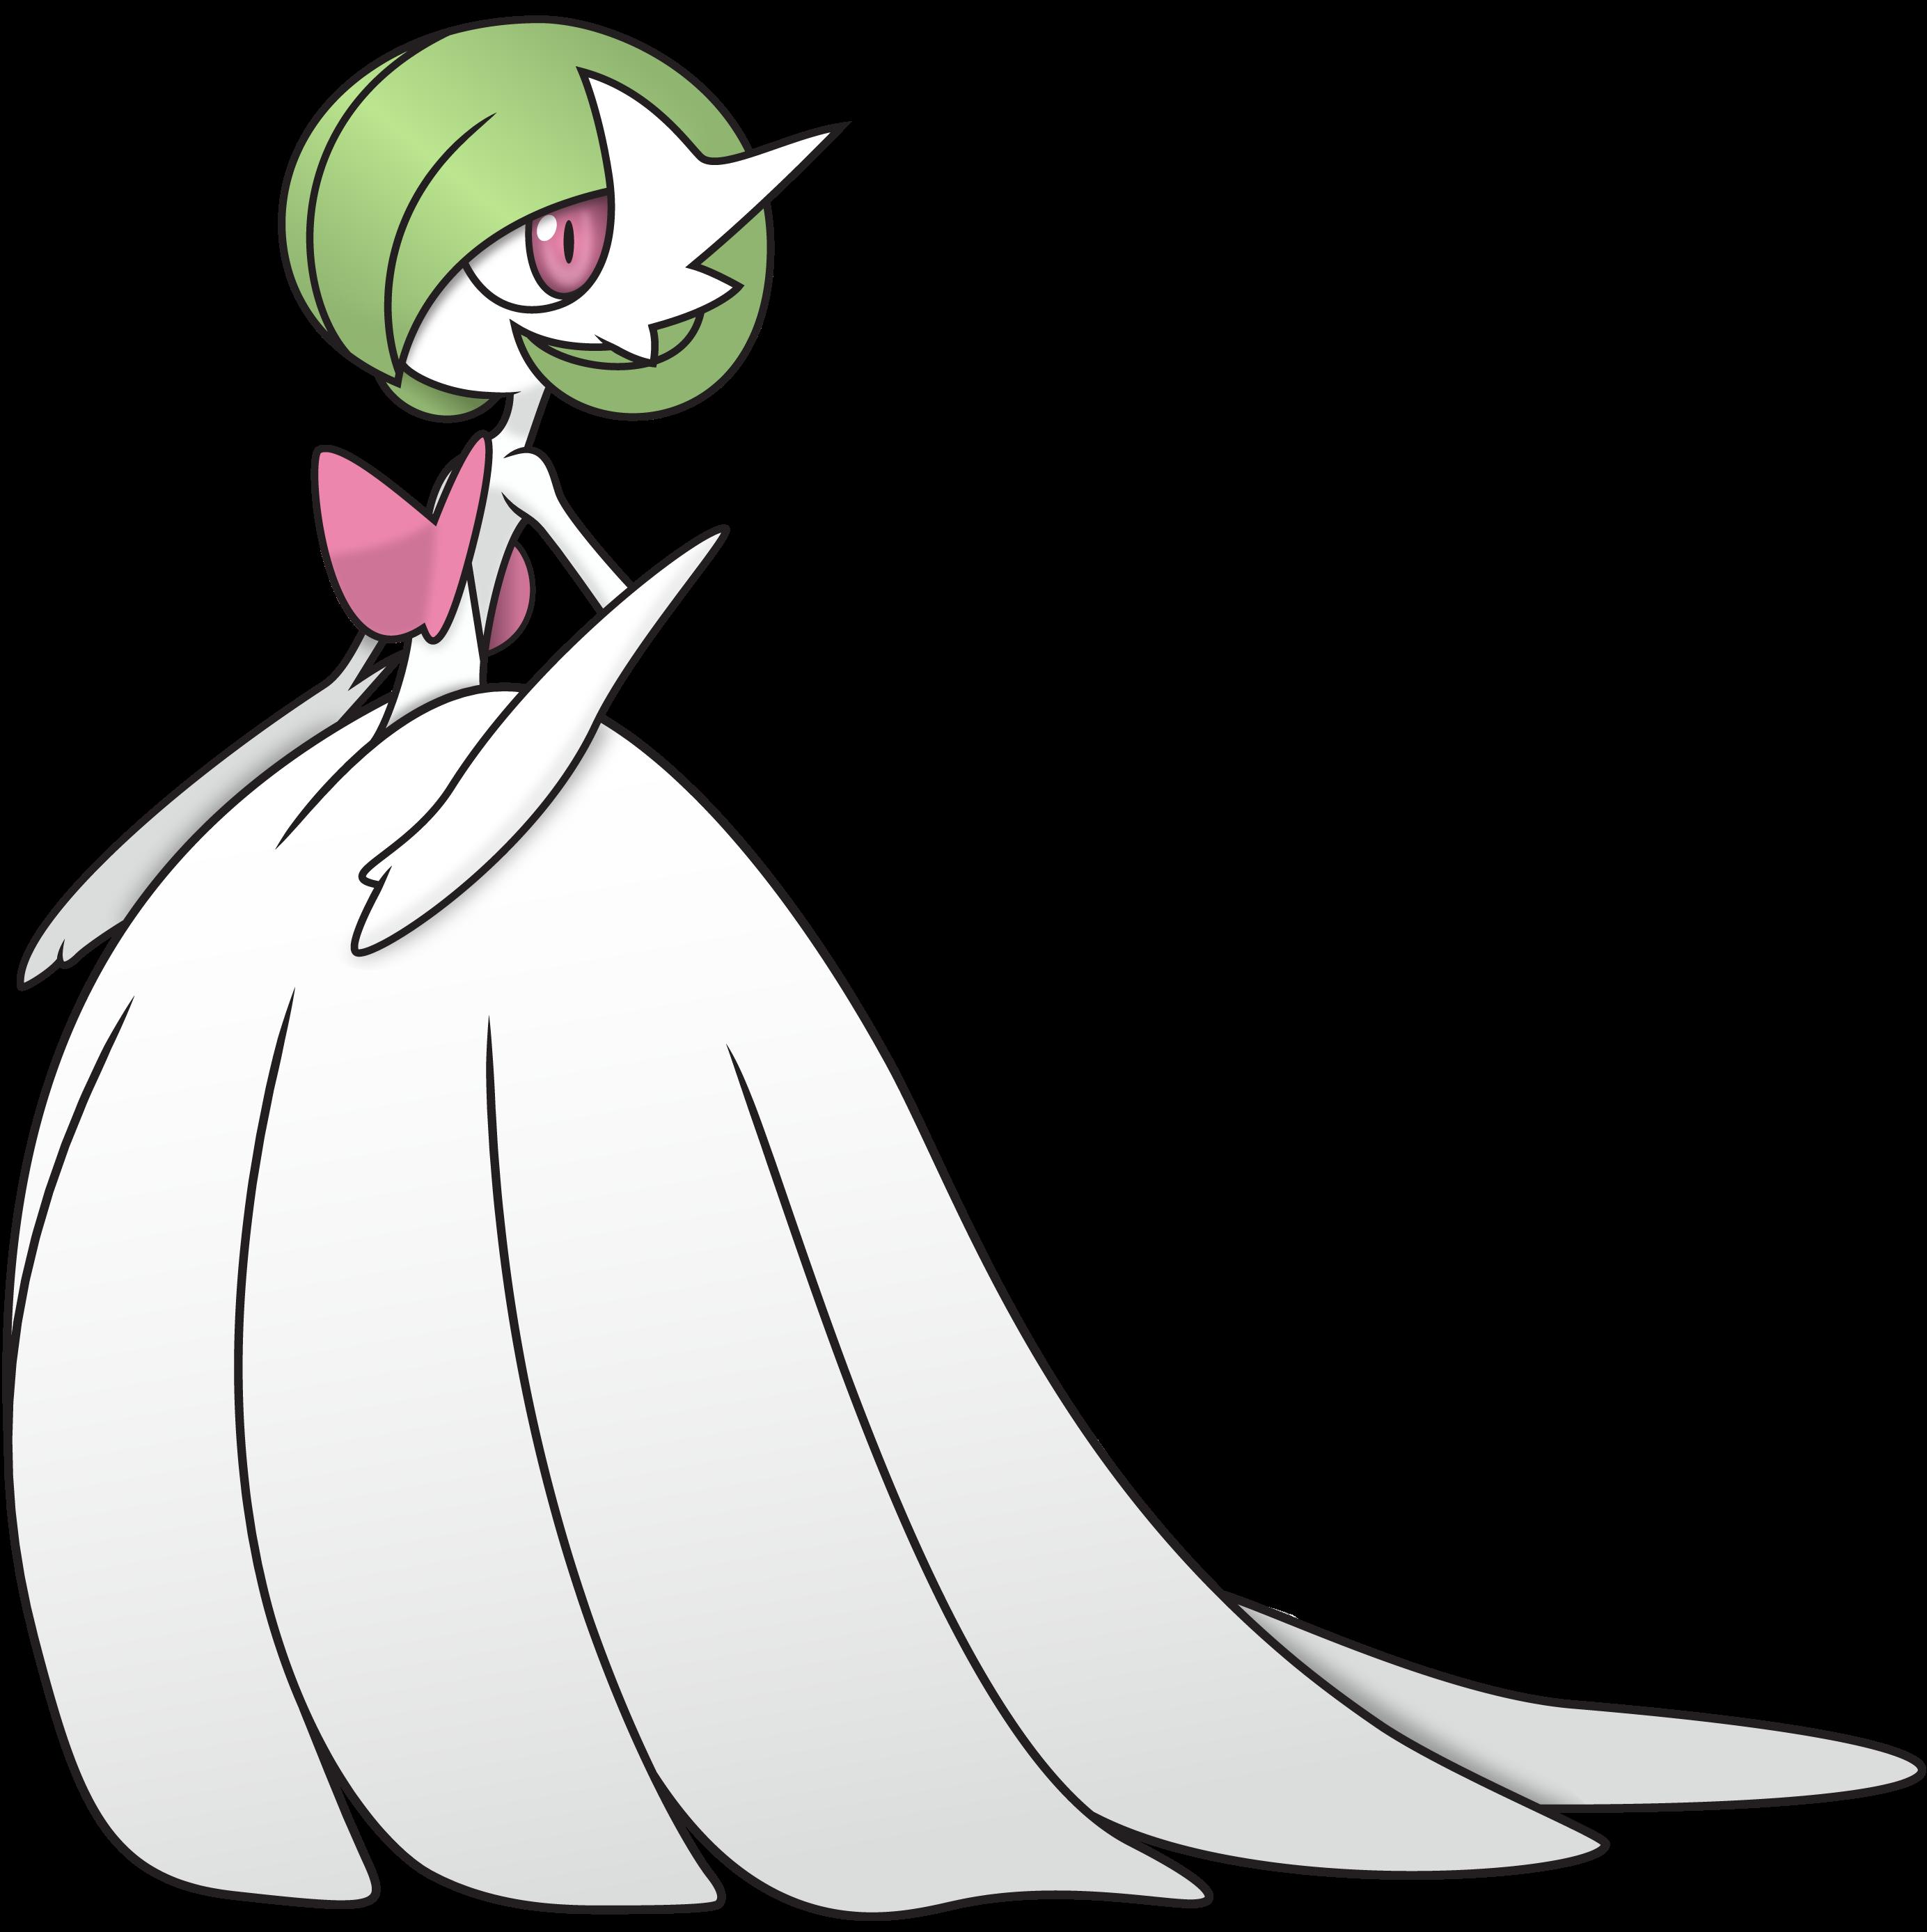 Inspirant Dessin A Imprimer Pokemon Gardevoir